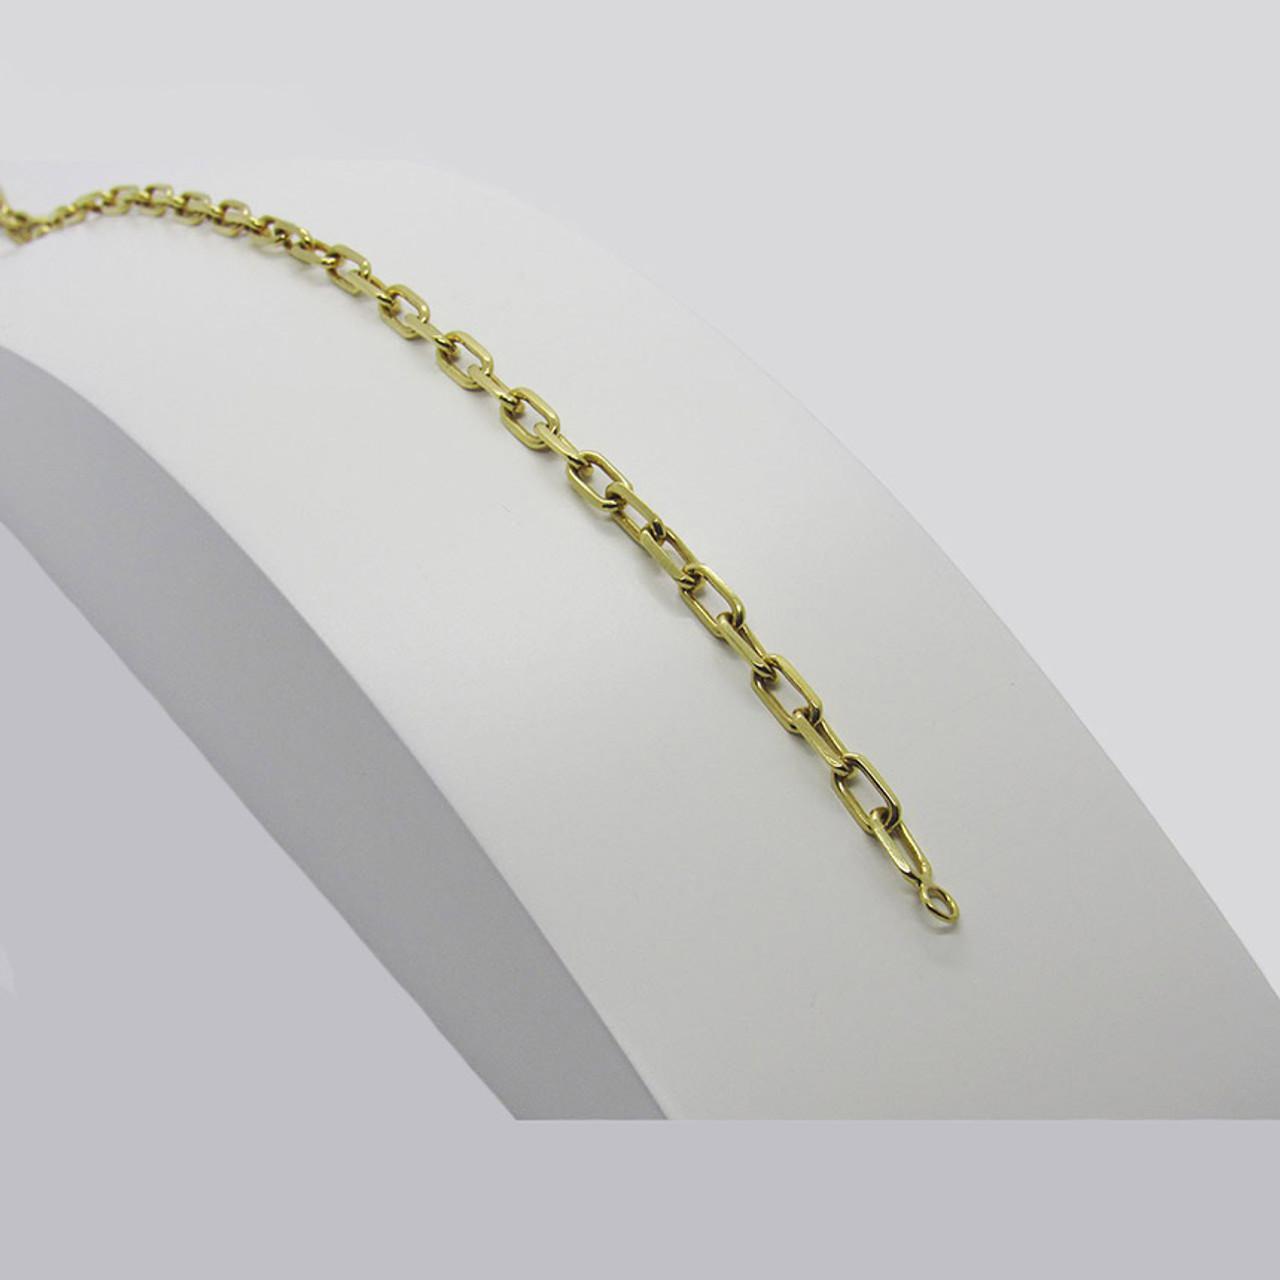 16a13216f1e Pulseira de ouro 18k Cartier Maciça 3.12mm com 18cm (CJPL-00000136)